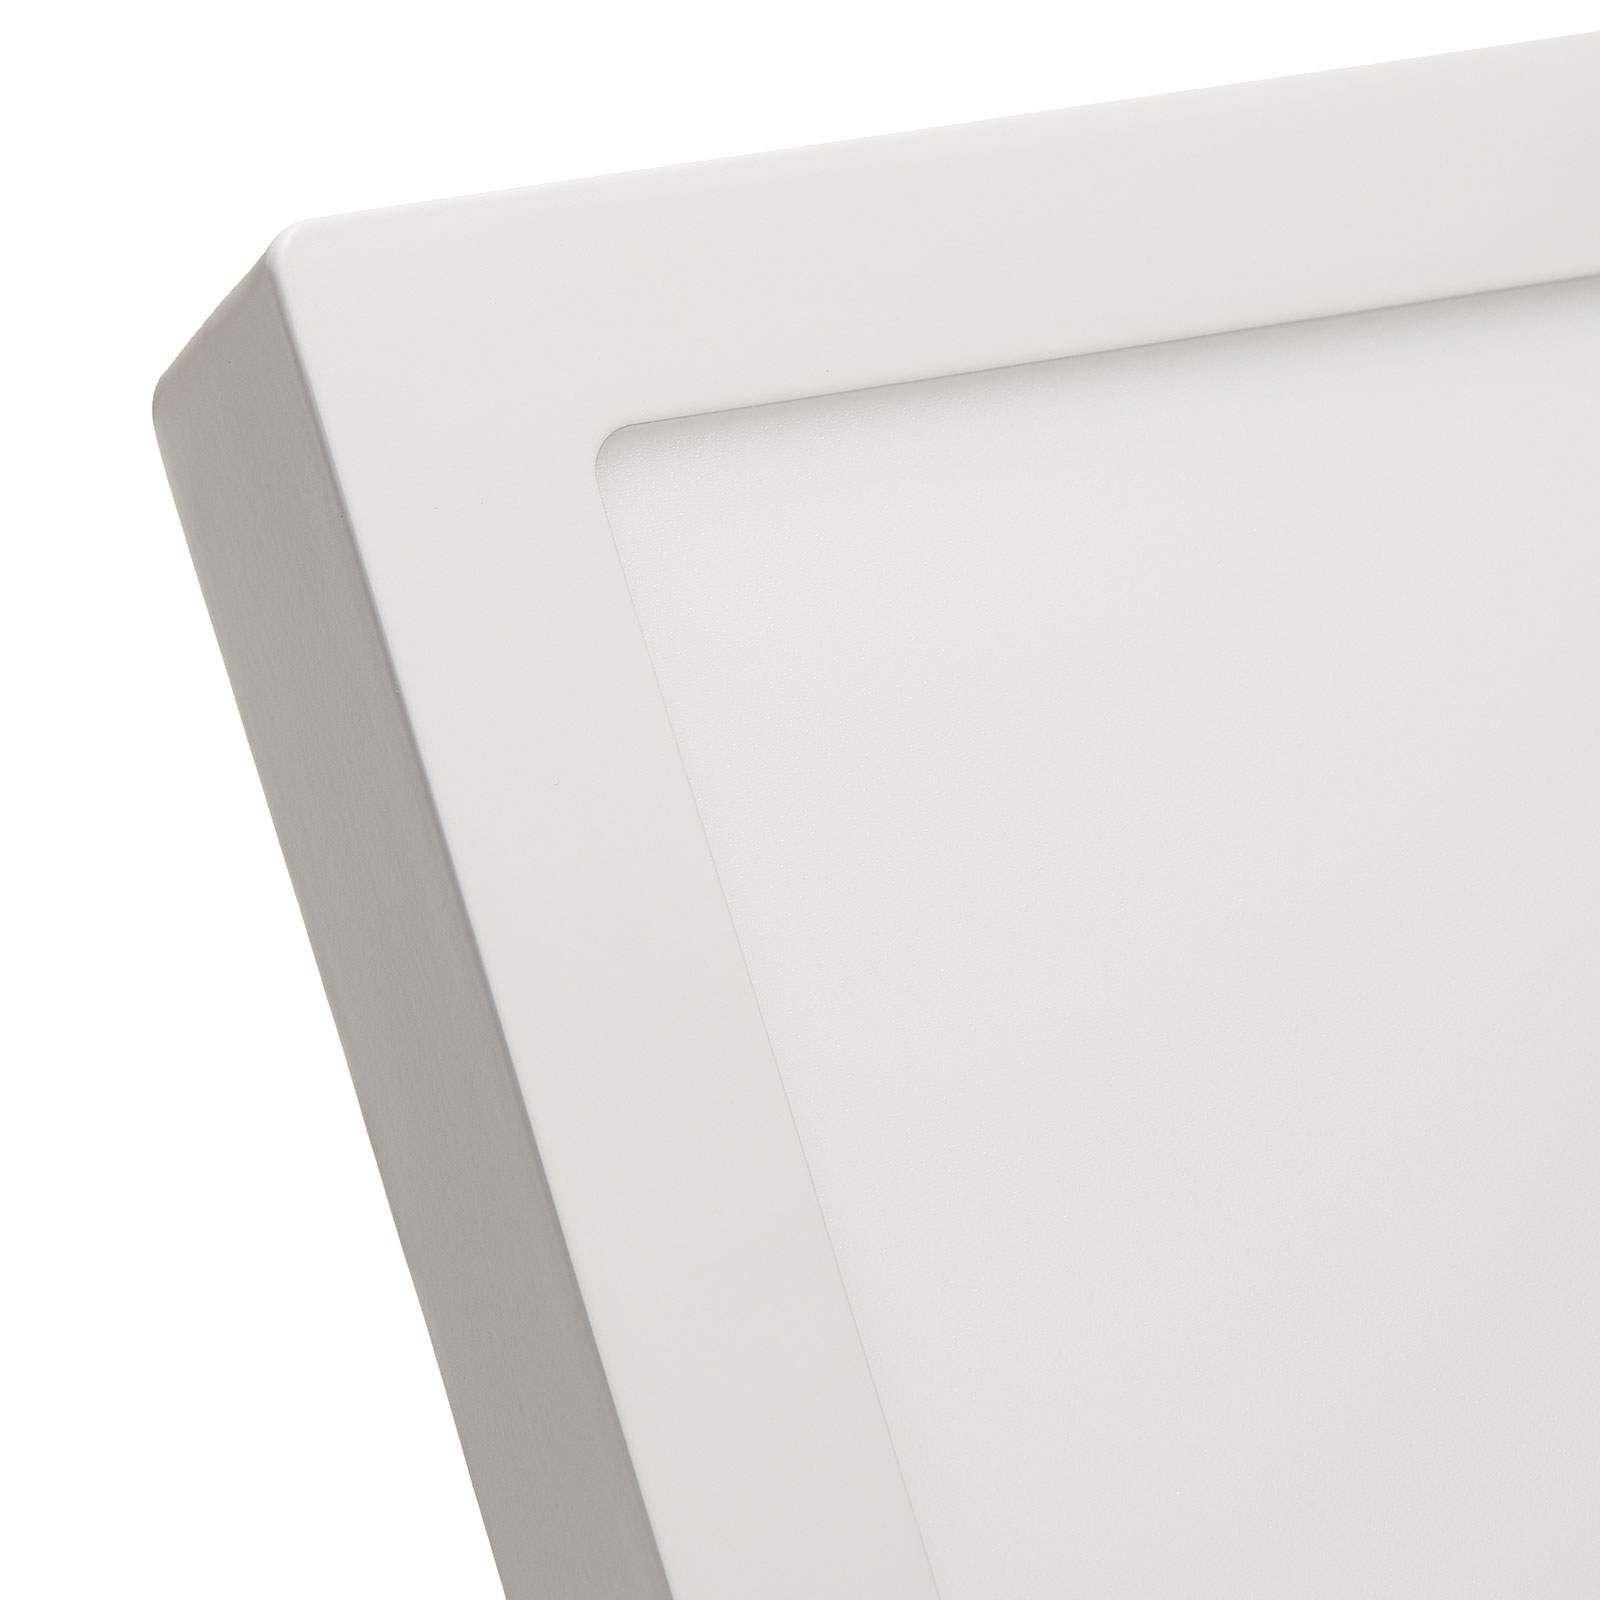 Moderne Smart Home Deckenleuchten Aussen Argolis C Von Eglo Connect Weiss Lampen Connect Und Led Leuchten